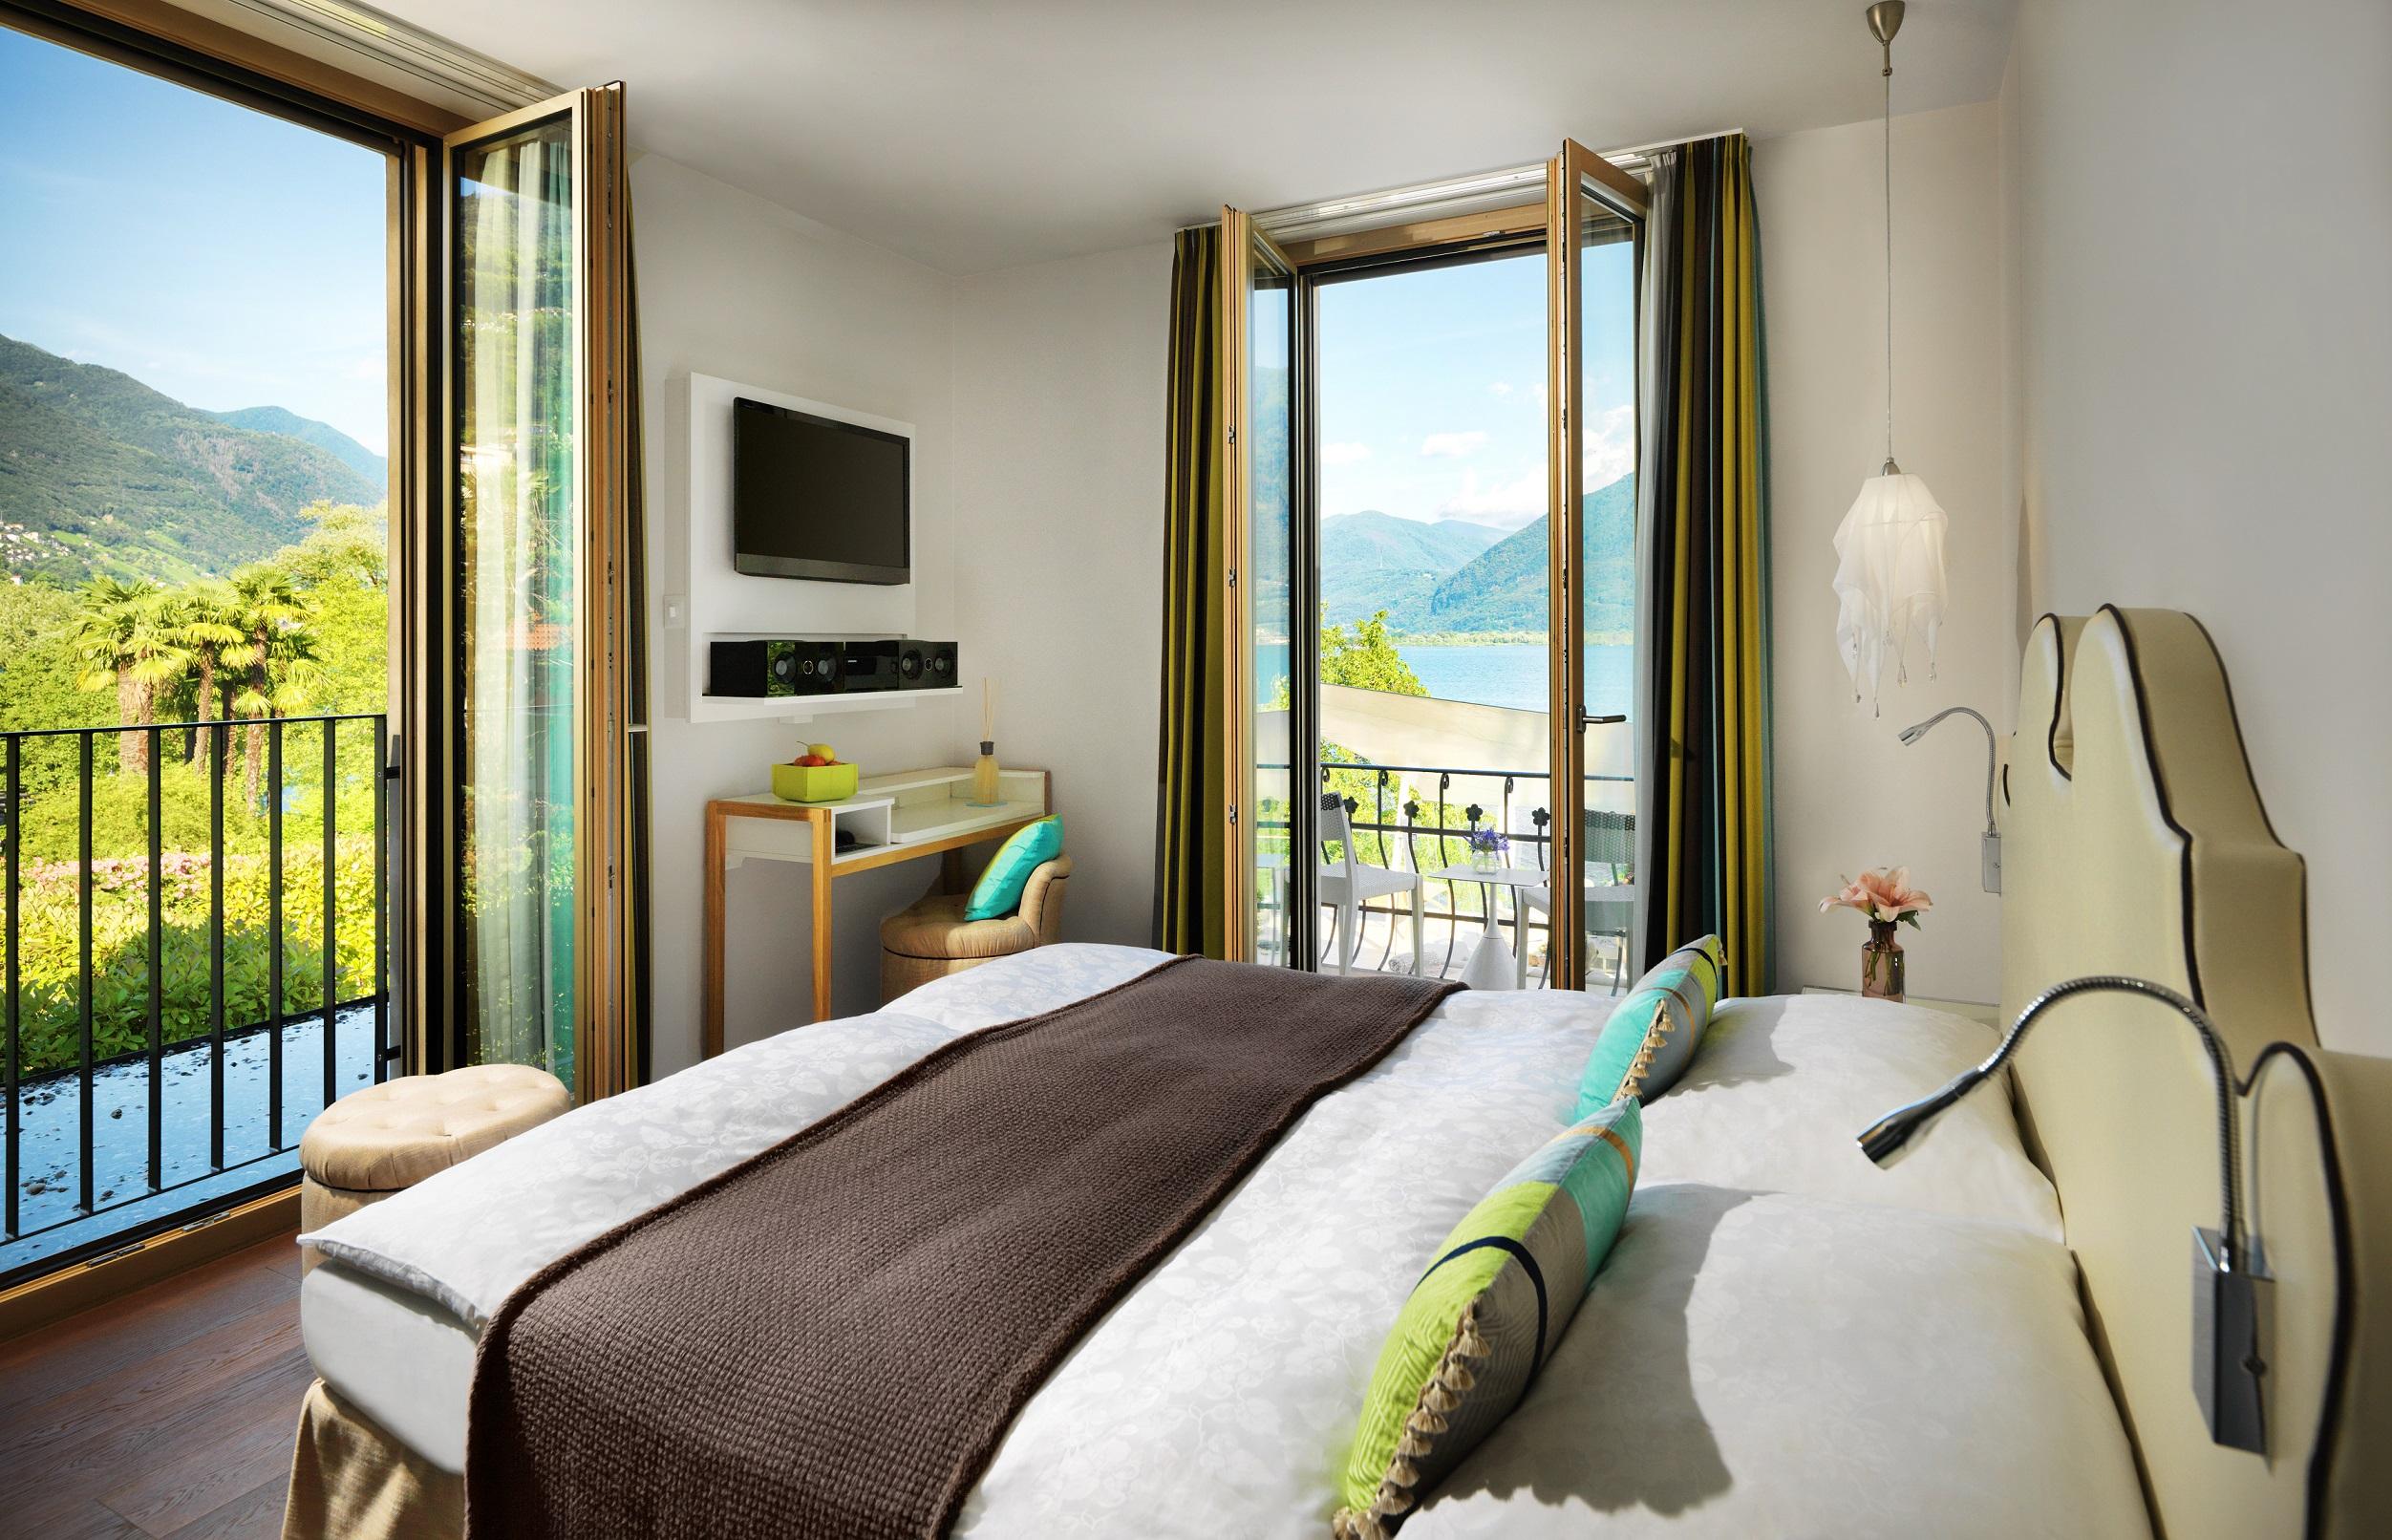 VPZ Kundenmagazin Giardino Hotels